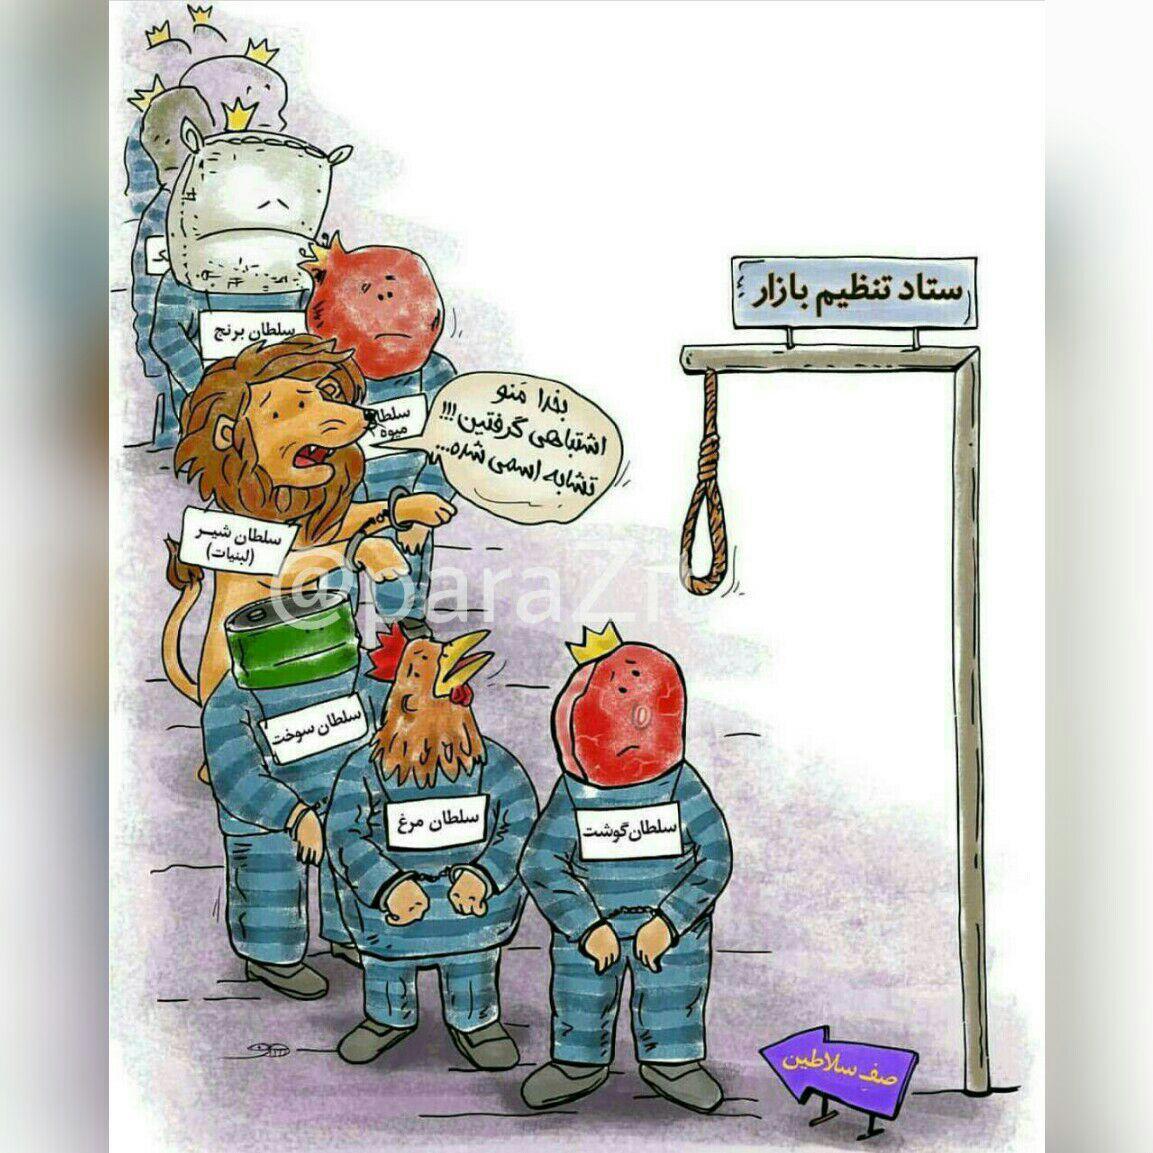 تنظیم بازار به شیوه ایرانی!